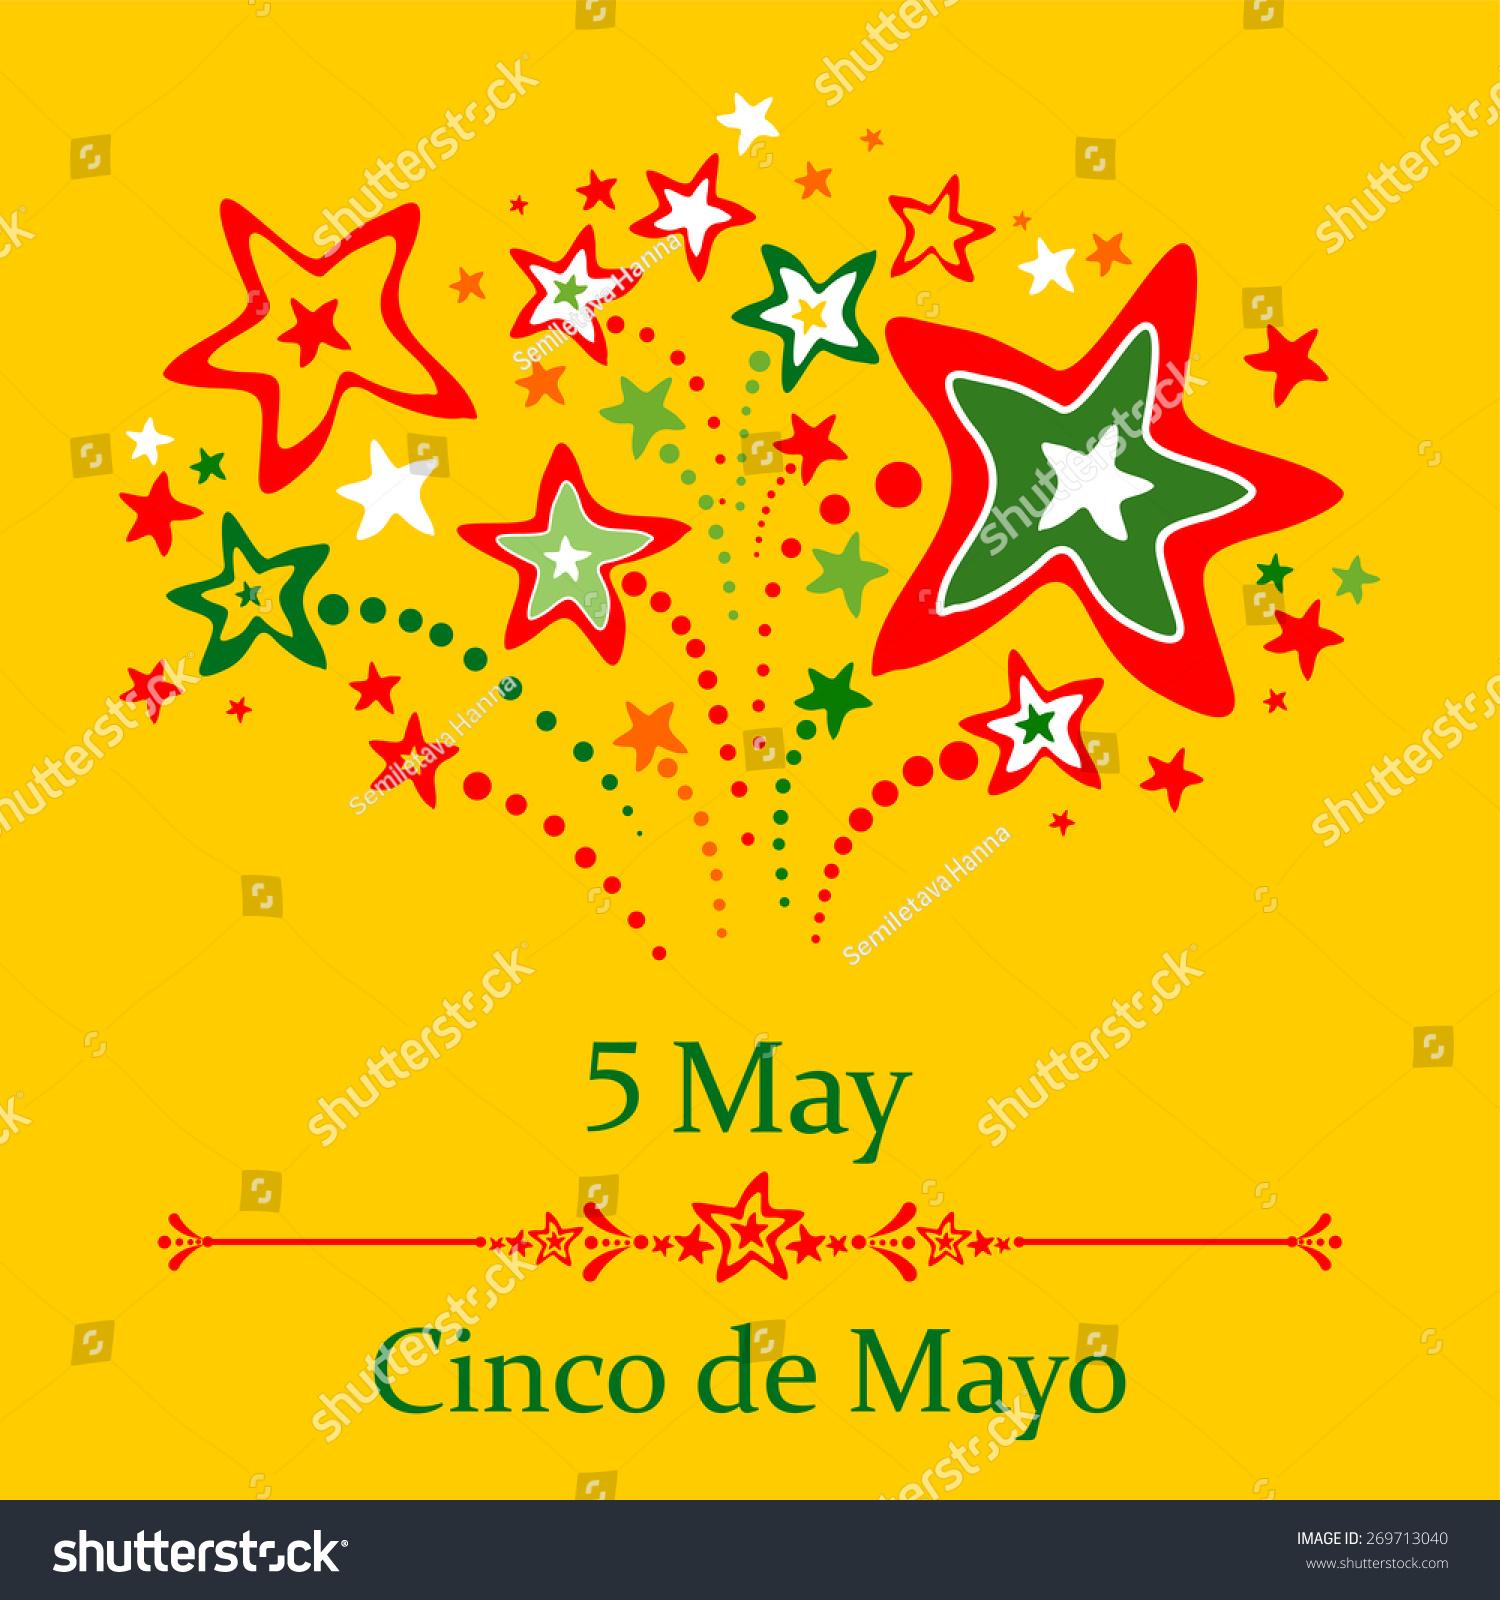 Cinco De Mayo Posters Backgrounds Fiesta Stock Vector 1500x1600